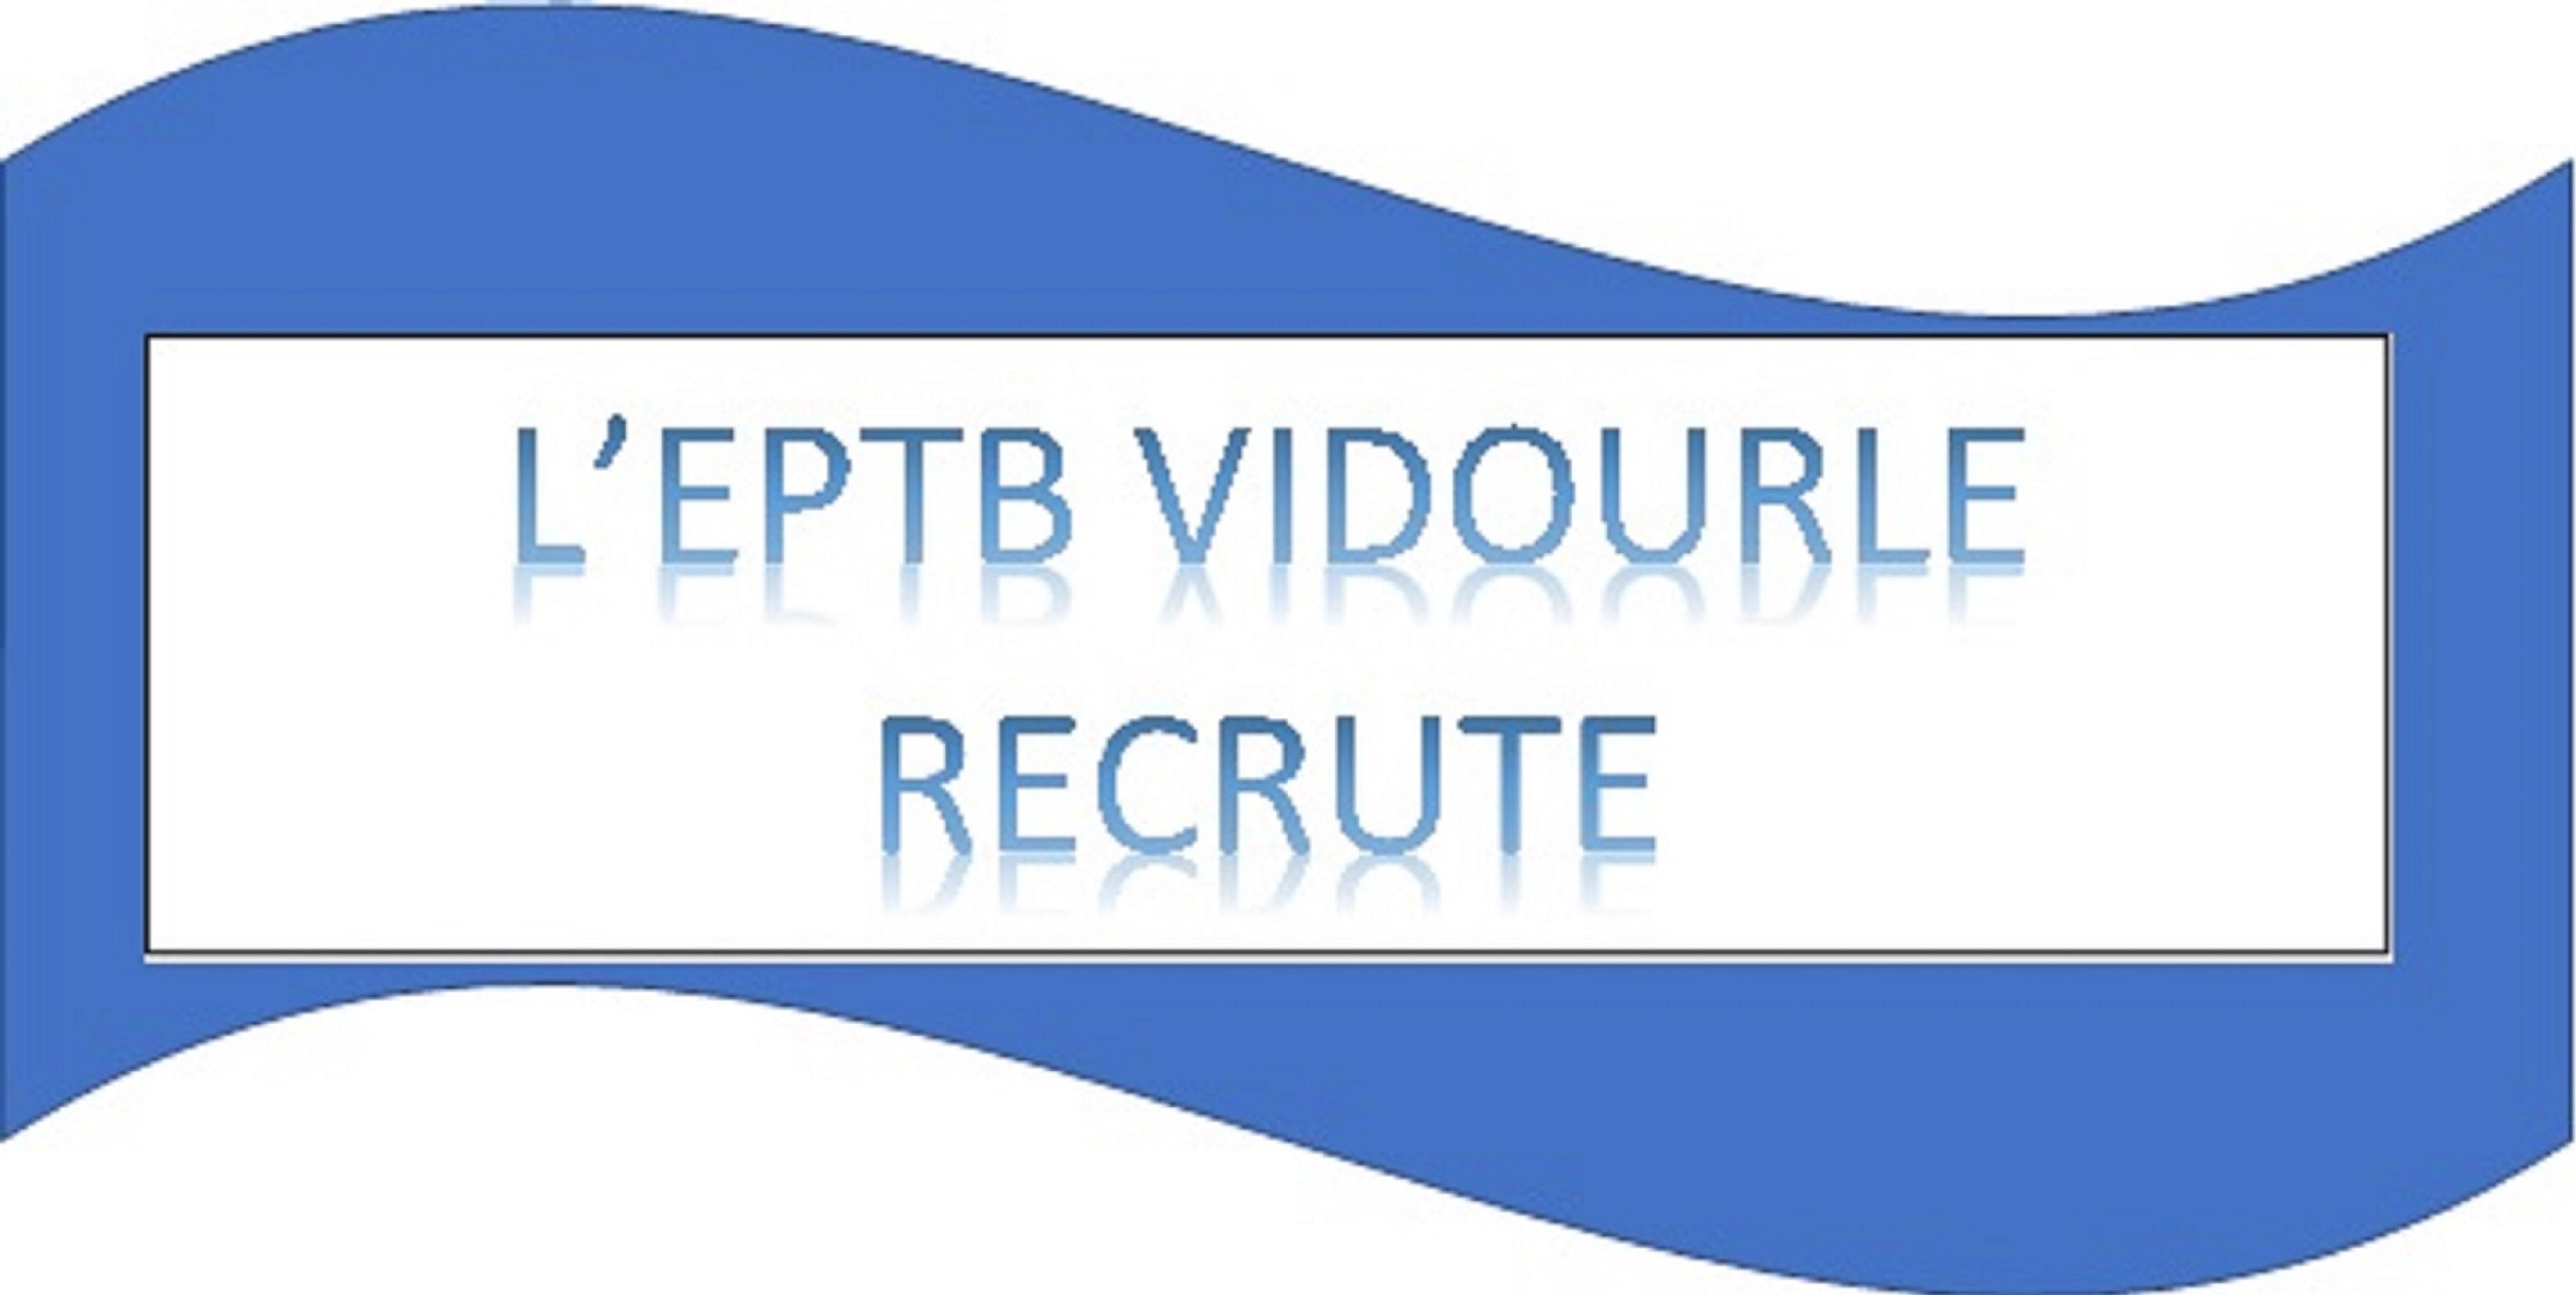 L'EPTB VIDOURLE RECRUTE UN(E) CHARGE(E) DES RESSOURCES HUMAINES ET MARCHES PUBLICS